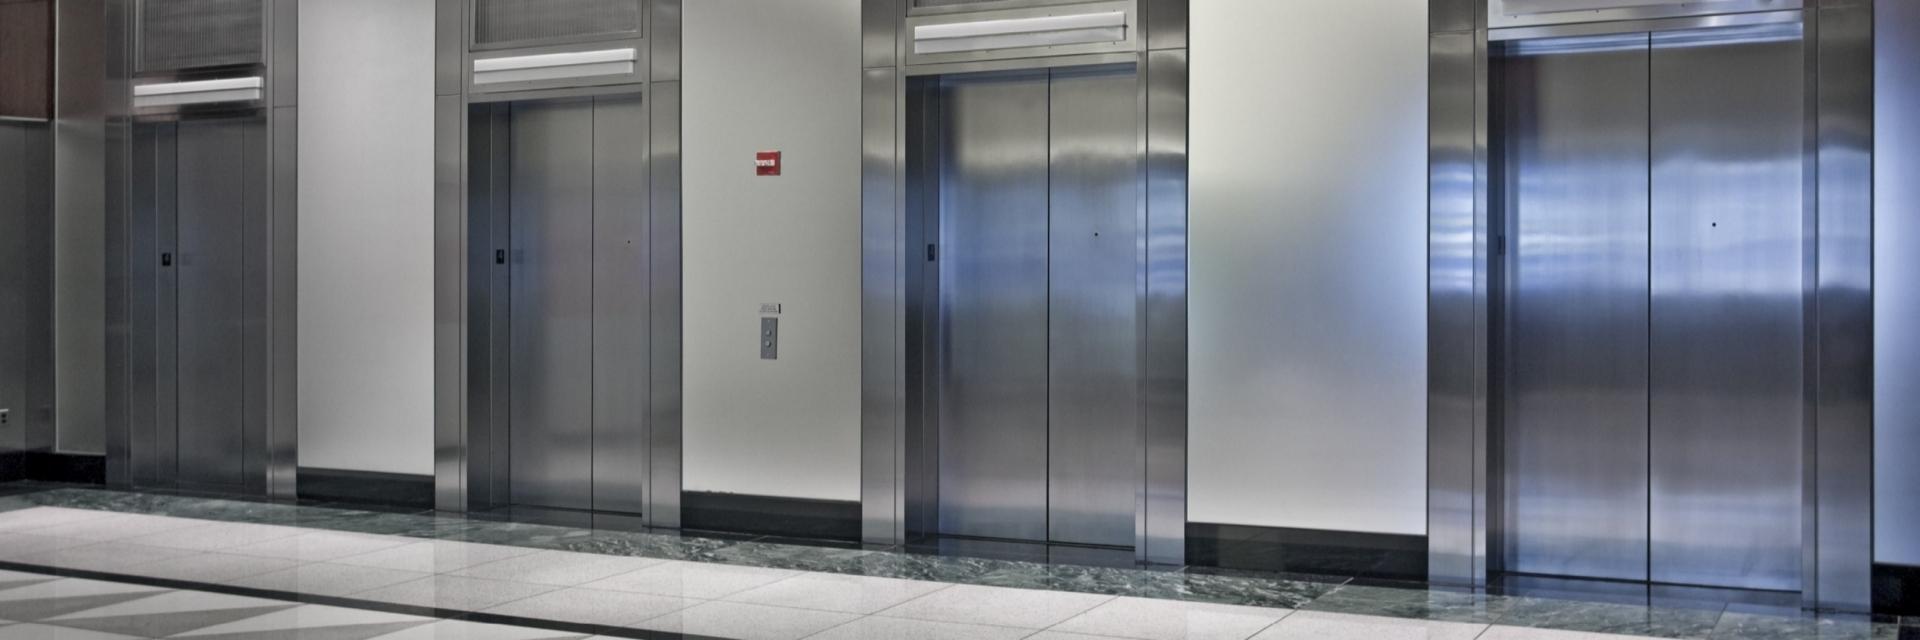 FrontPage Elevator 1